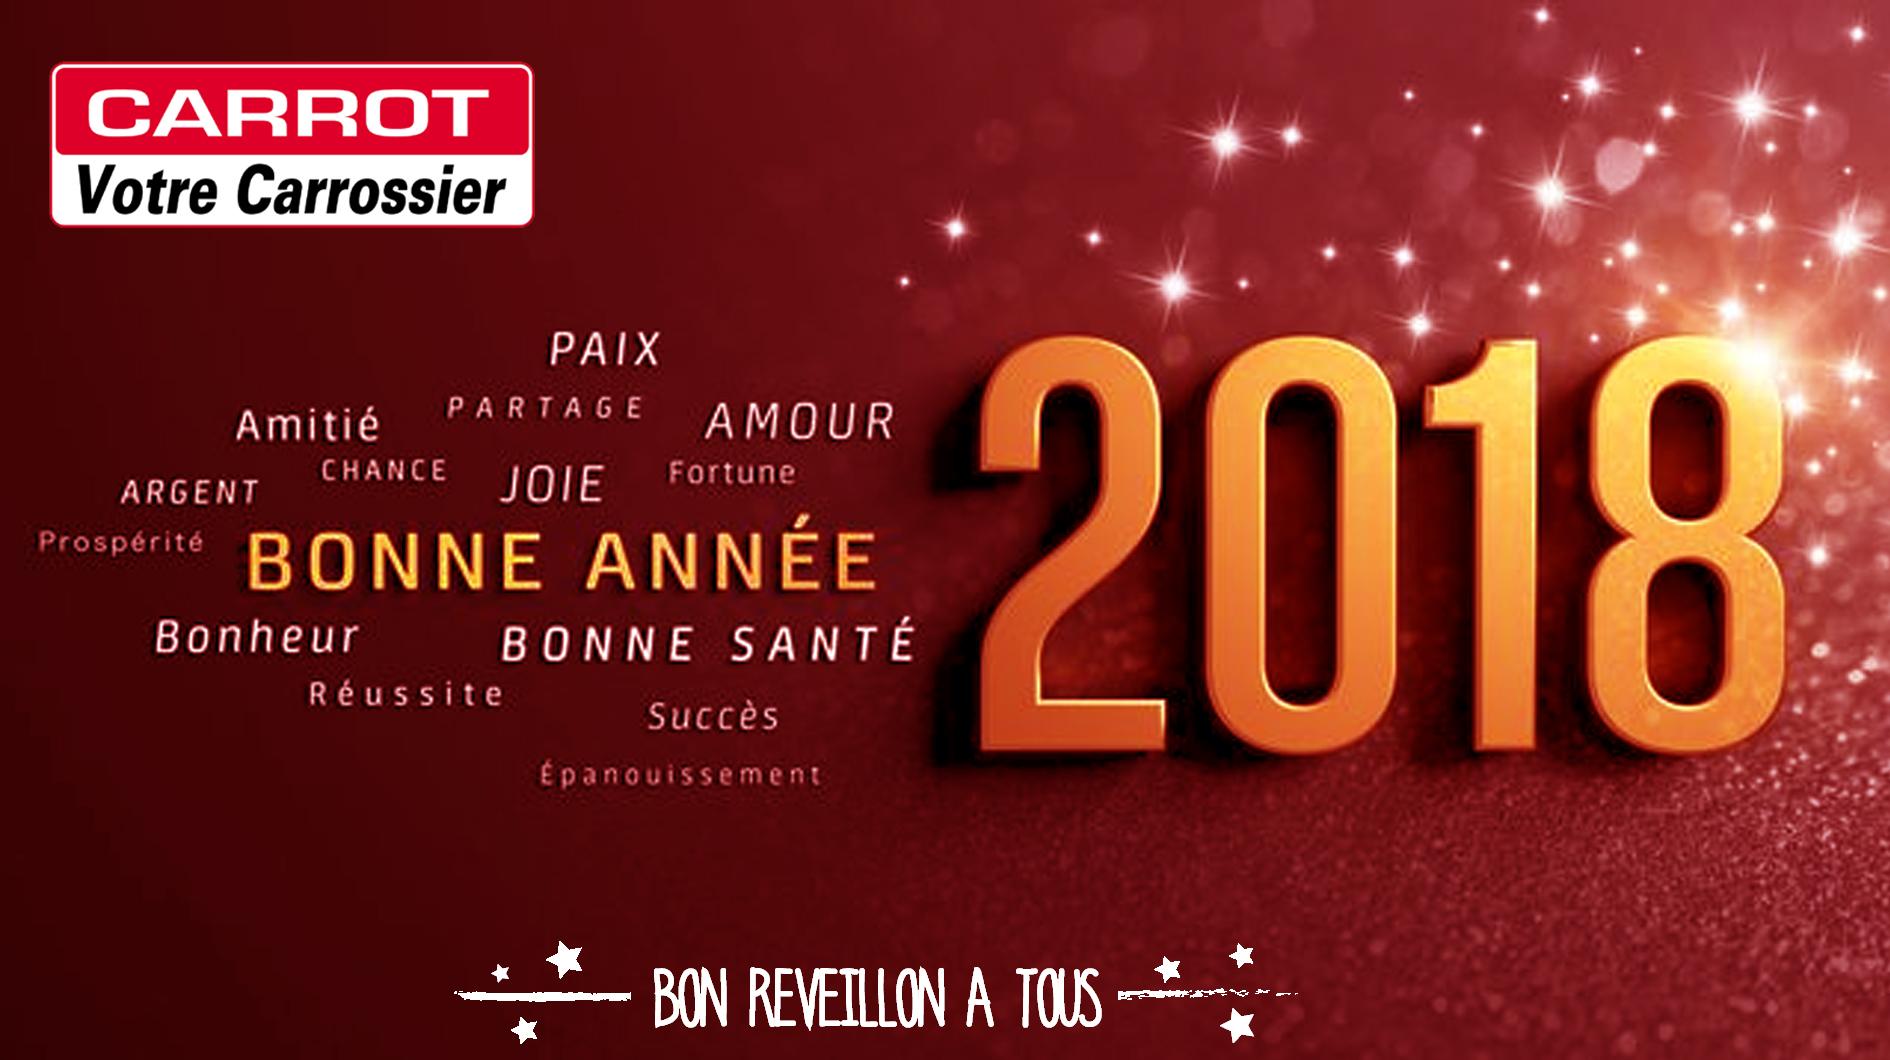 BONNE ANNEE CIE 2018 rouge copie